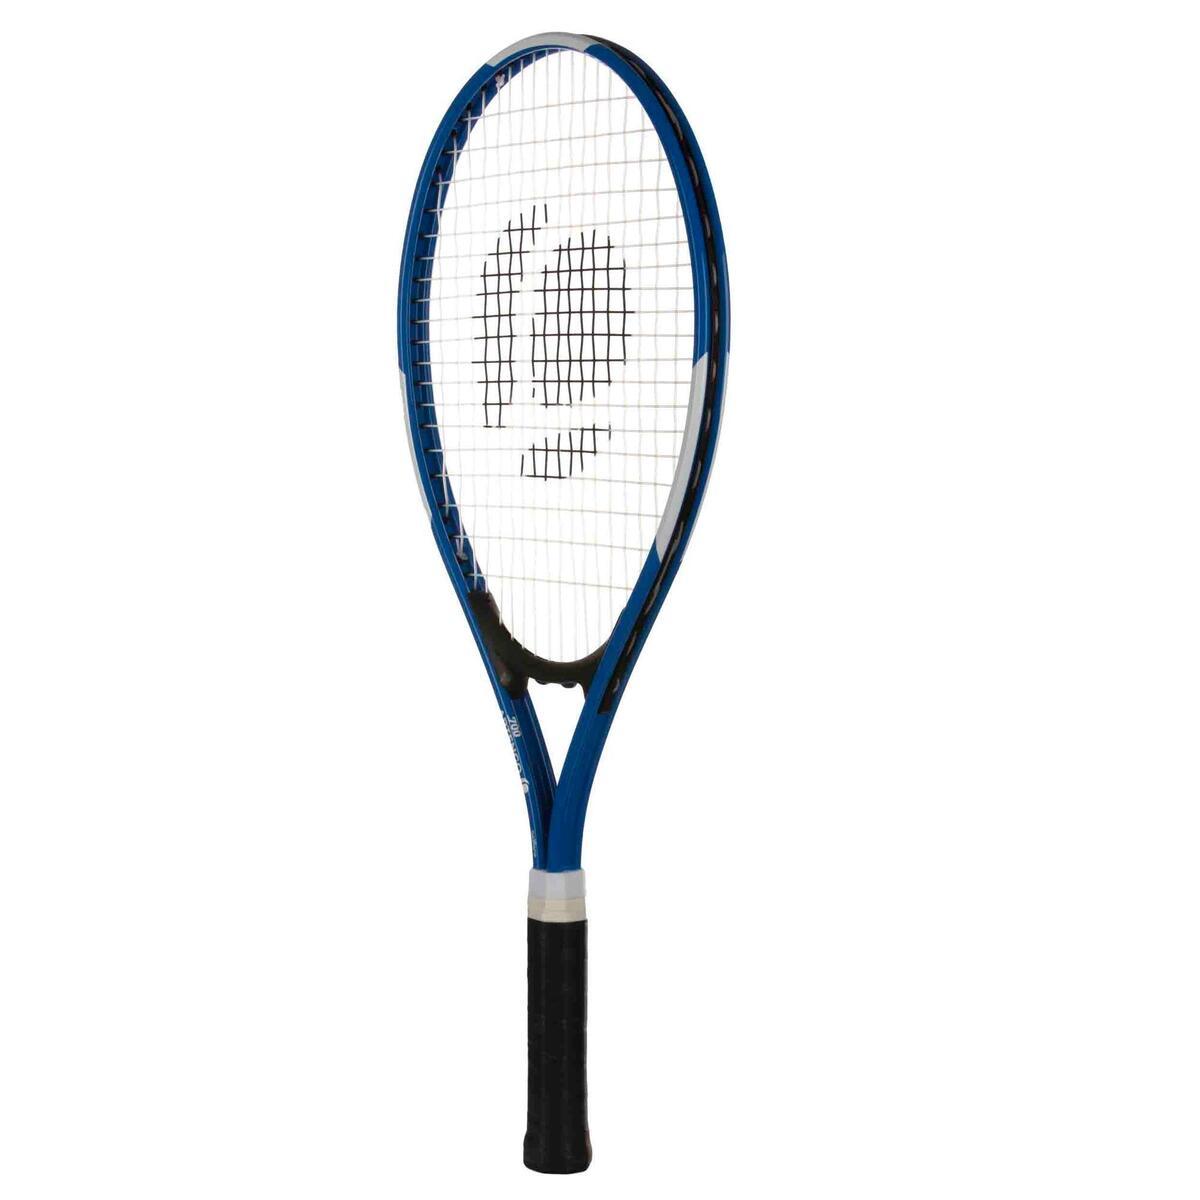 Bild 3 von Tennisschläger TR100 Kinder 21 besaitet blau